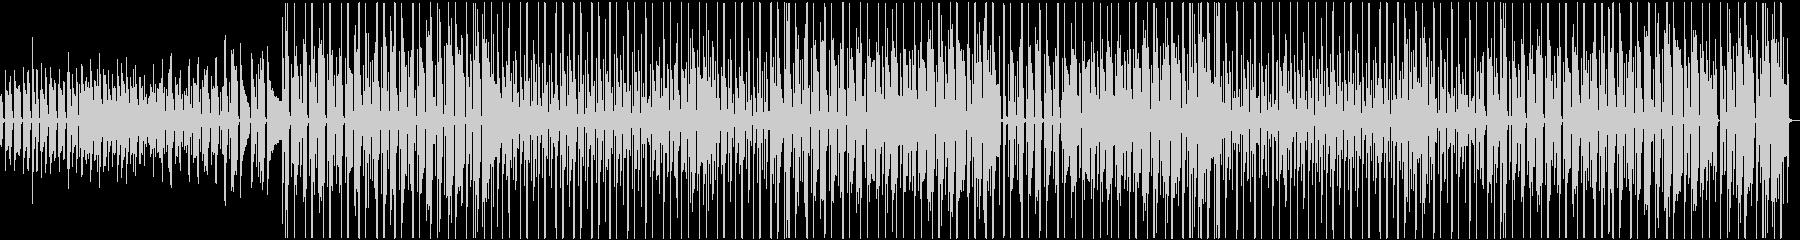 ほのぼのとしたピアノ曲・日常・可愛いの未再生の波形